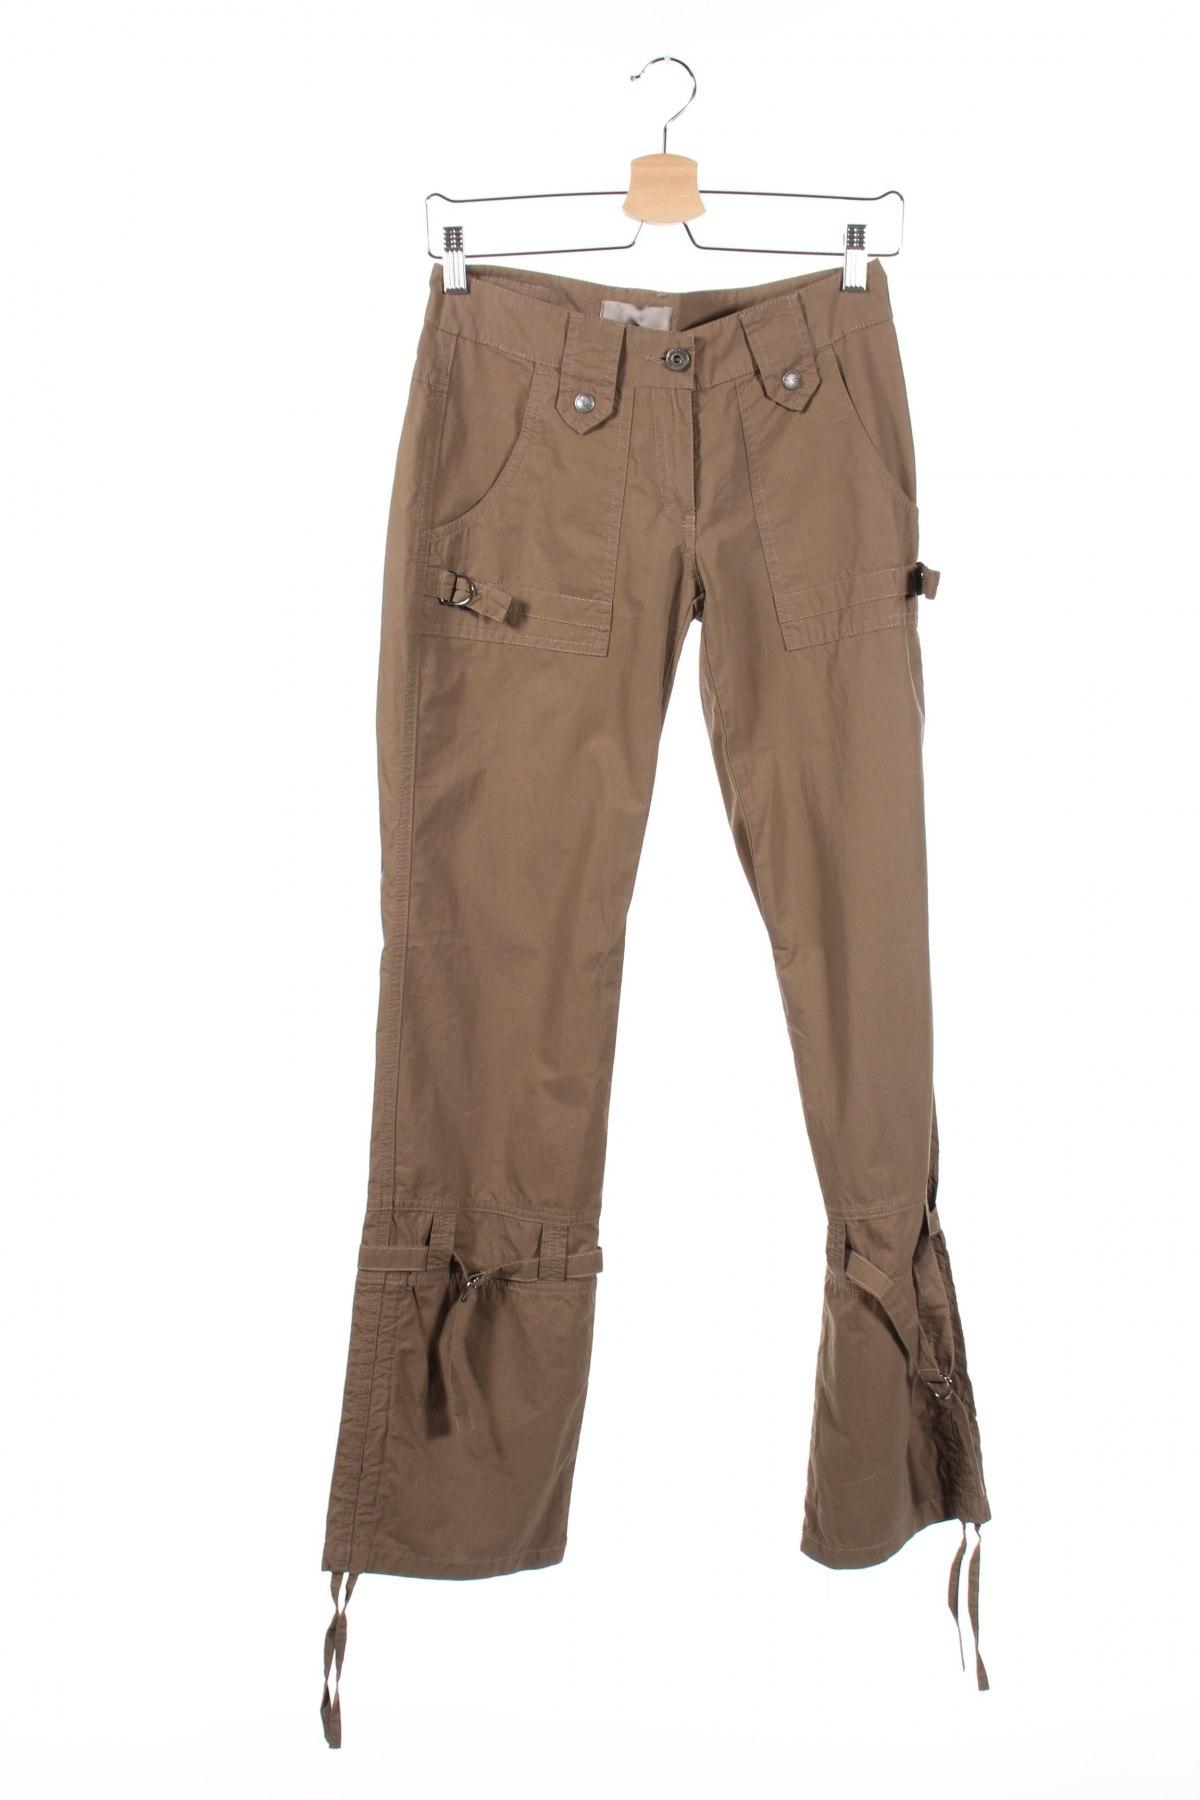 Дамски панталон Stratt, Размер XS, Цвят Кафяв, Цена 10,44лв.